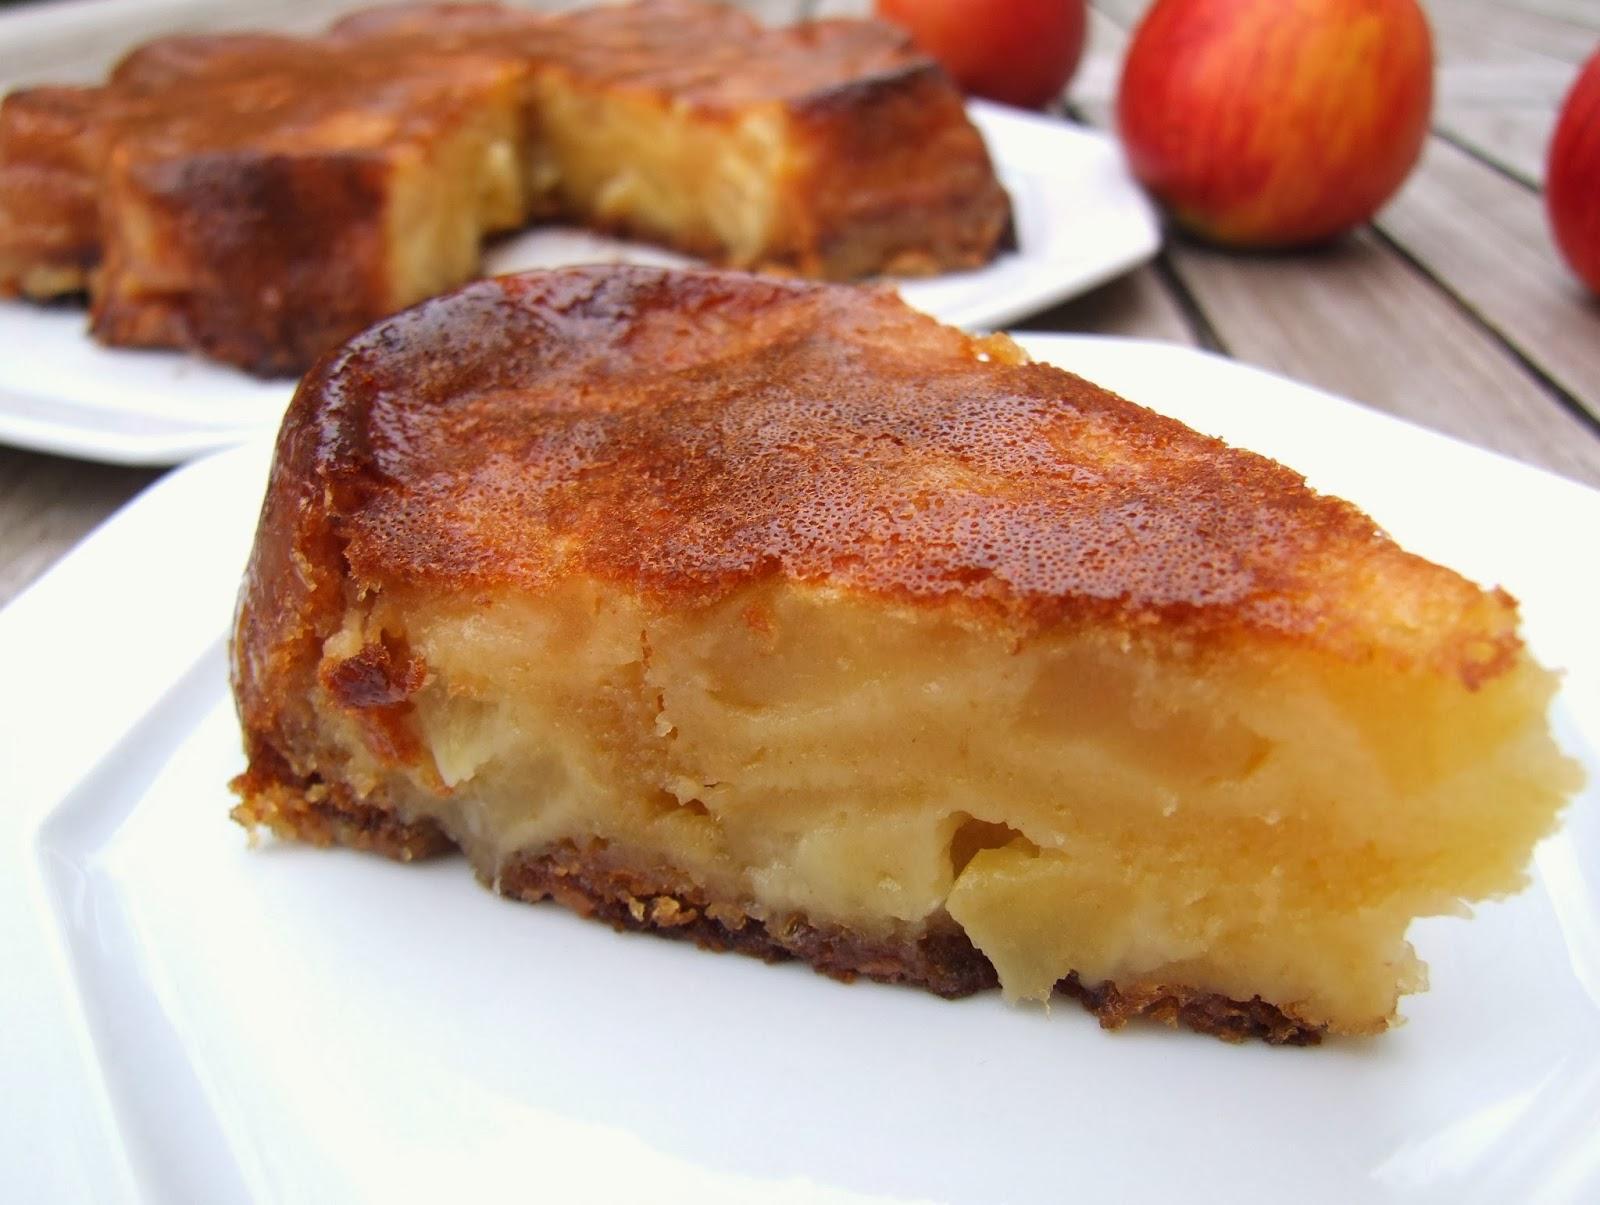 Cooking julia moelleux aux pommes - Recette dessert rapide thermomix ...